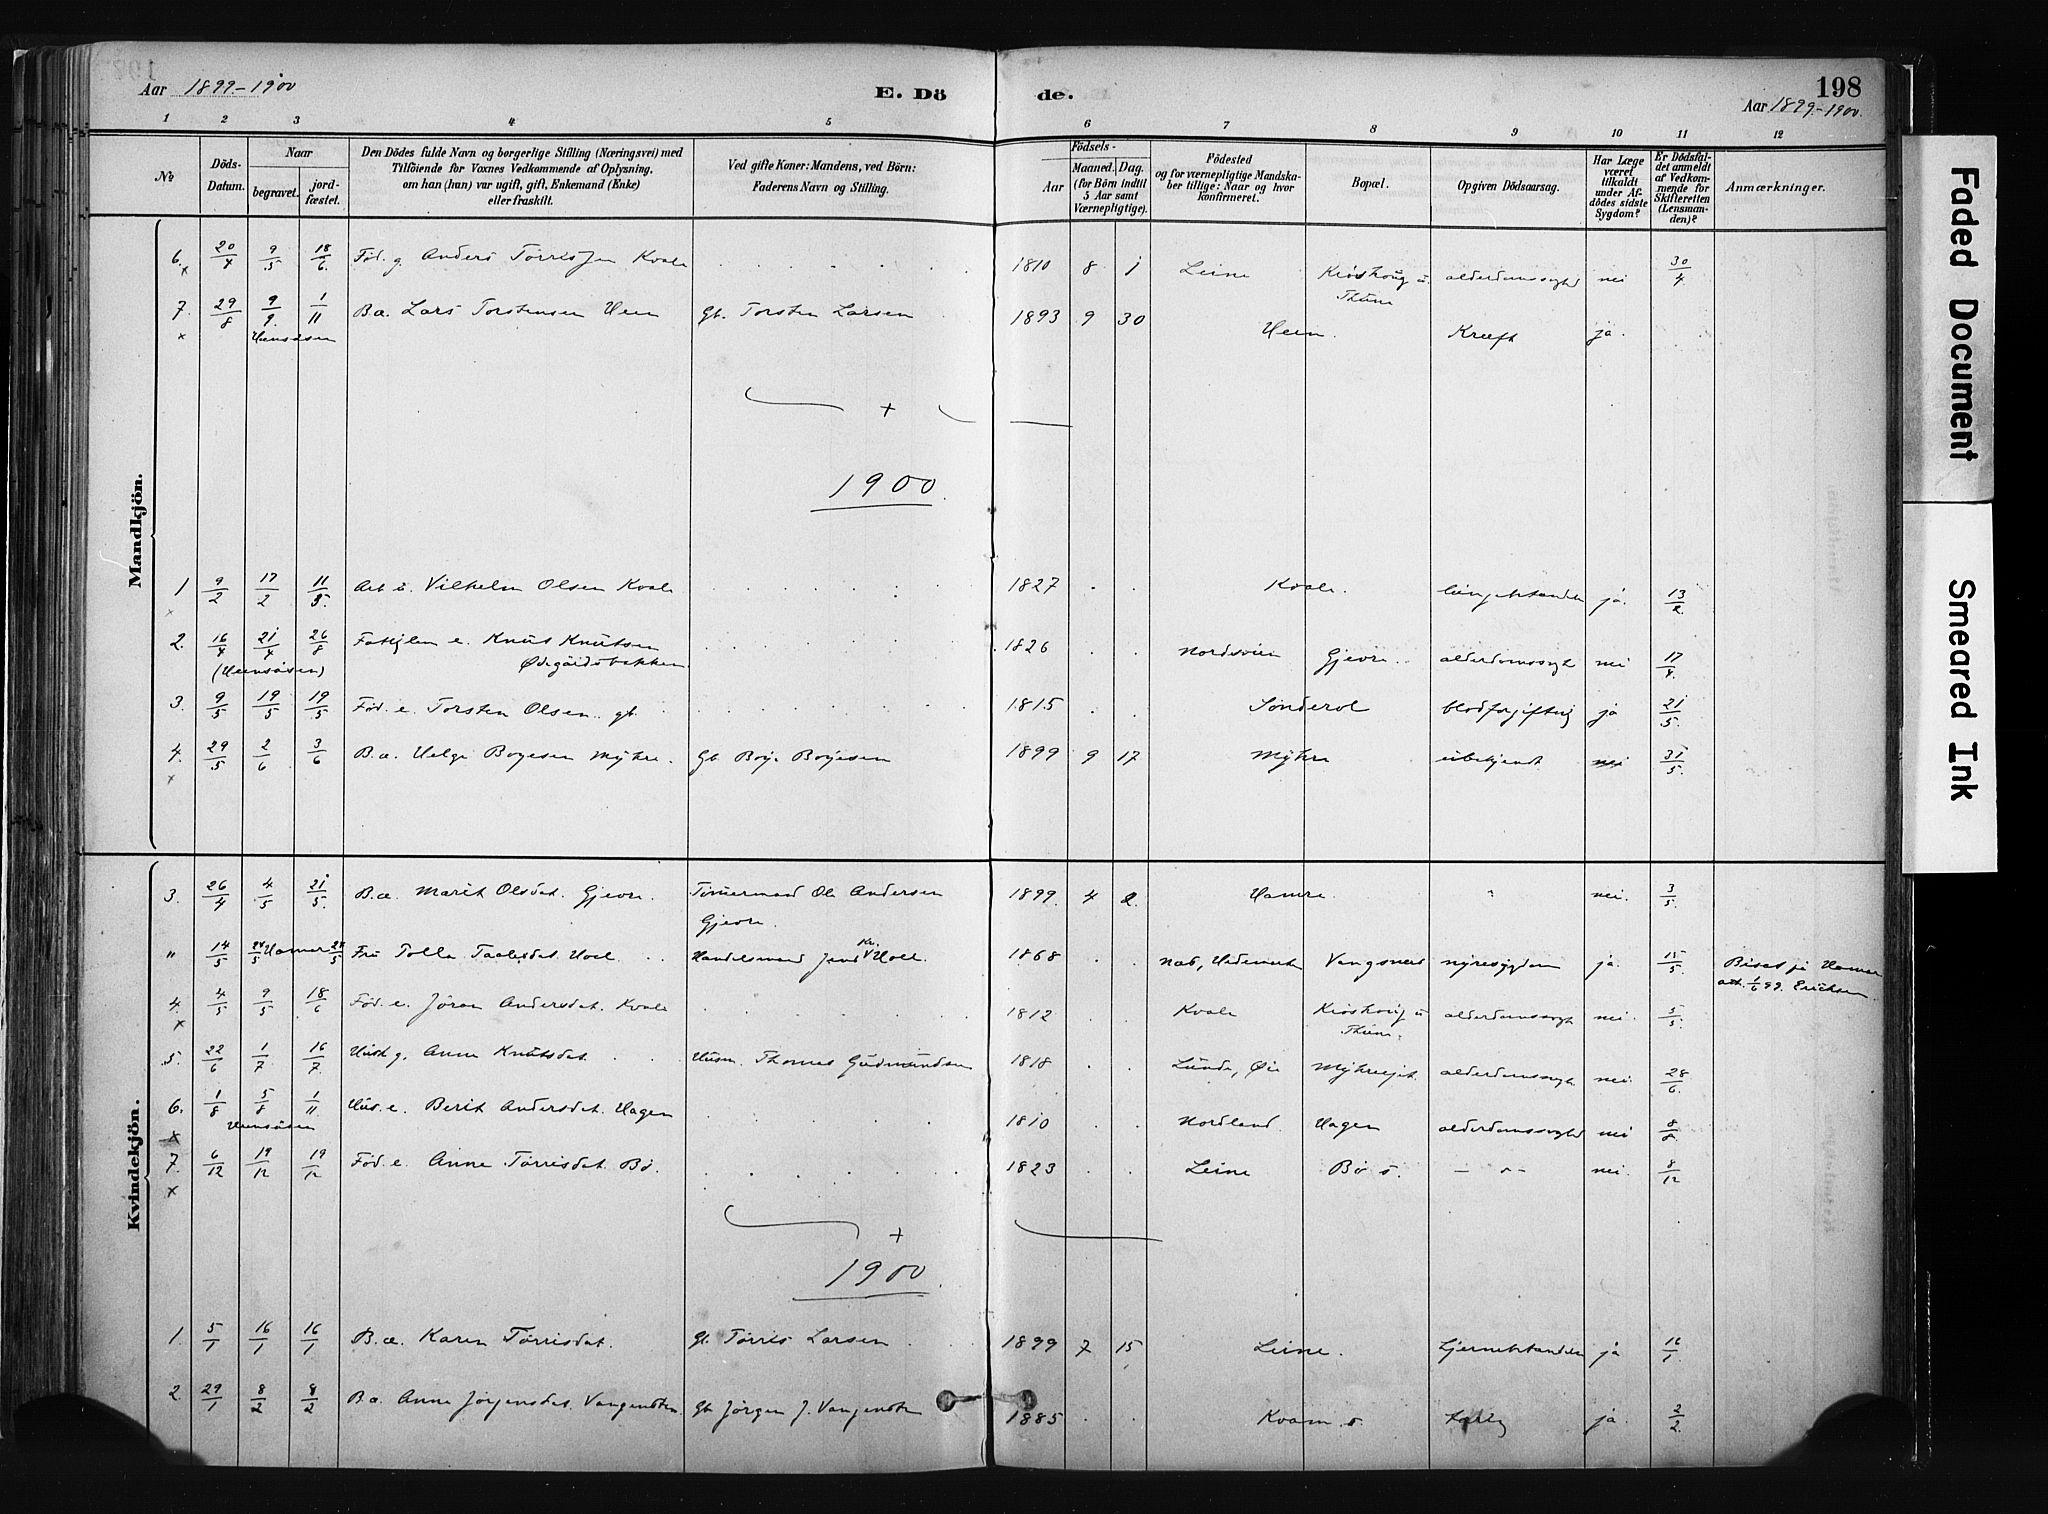 SAH, Vang prestekontor, Valdres, Ministerialbok nr. 8, 1882-1910, s. 198